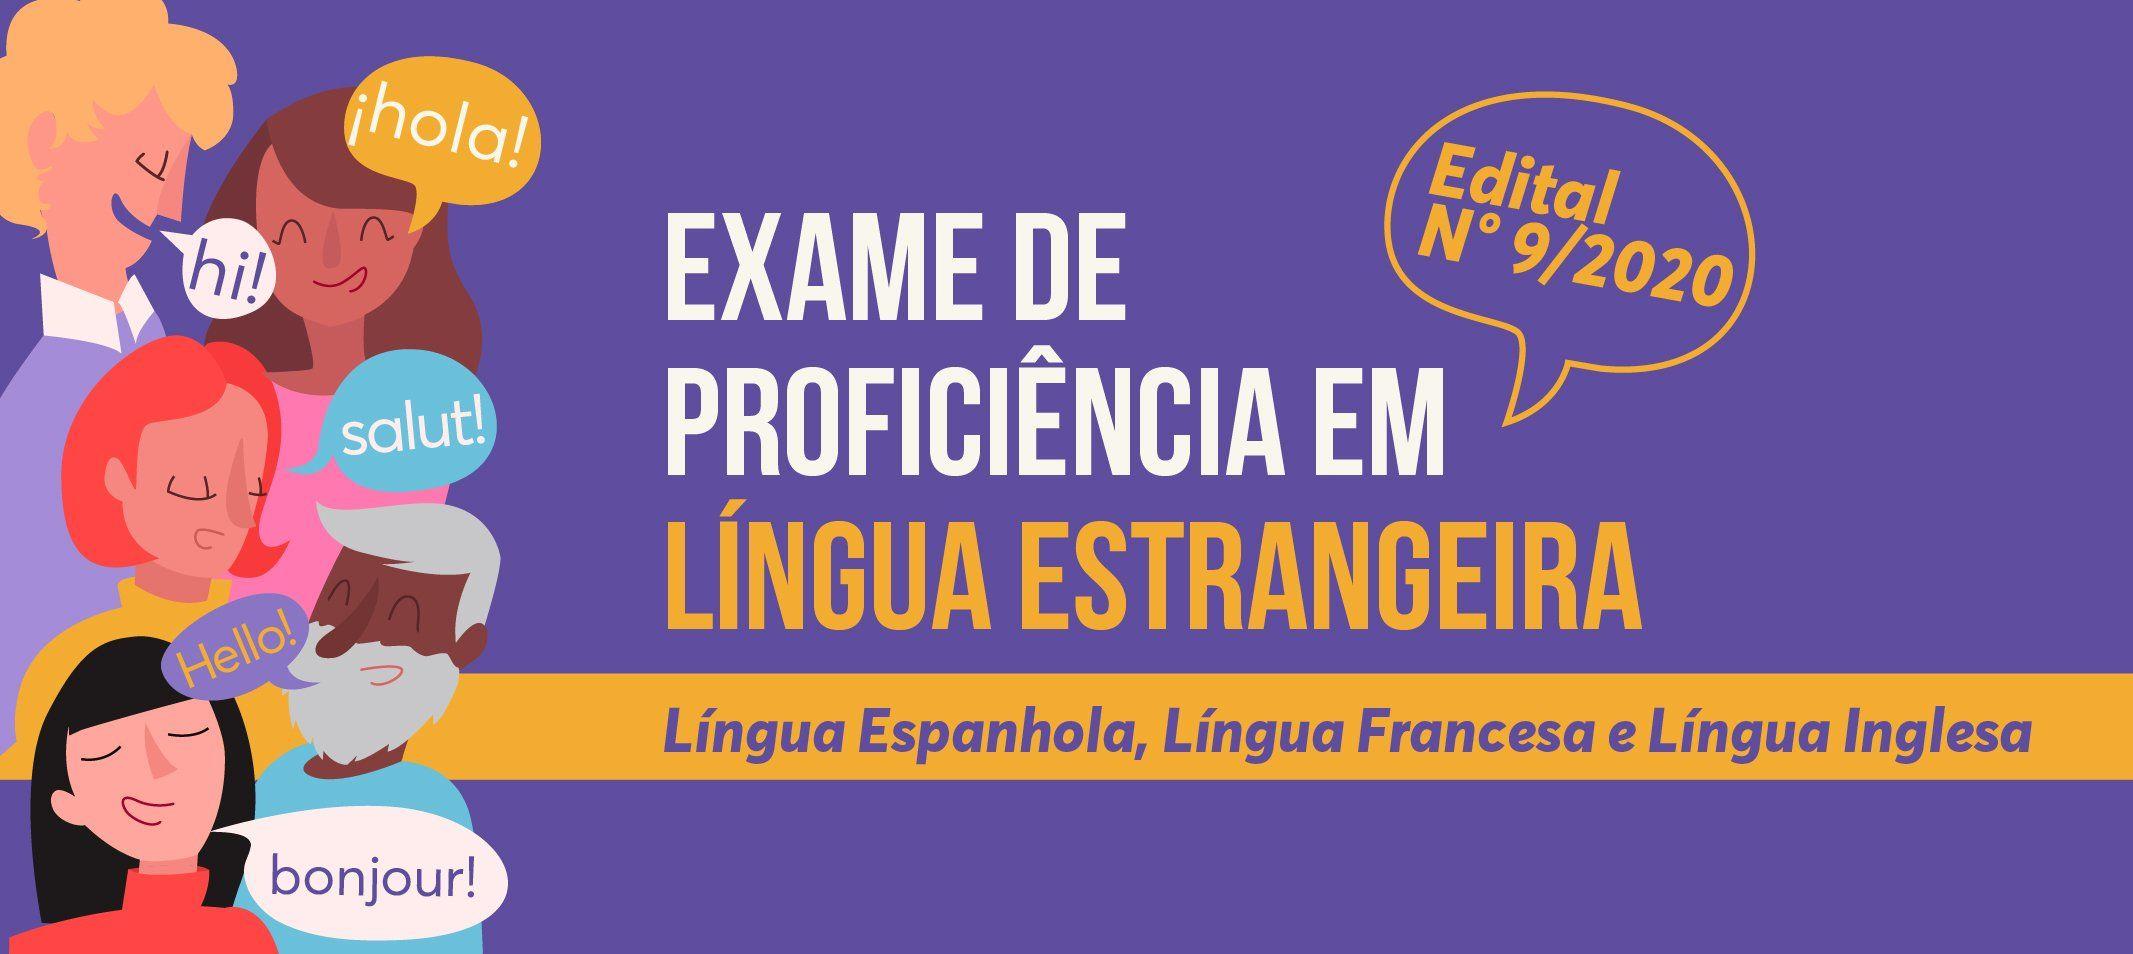 Inscrições para o Exame de Proficiência em Língua Estrangeira começam 18 de março